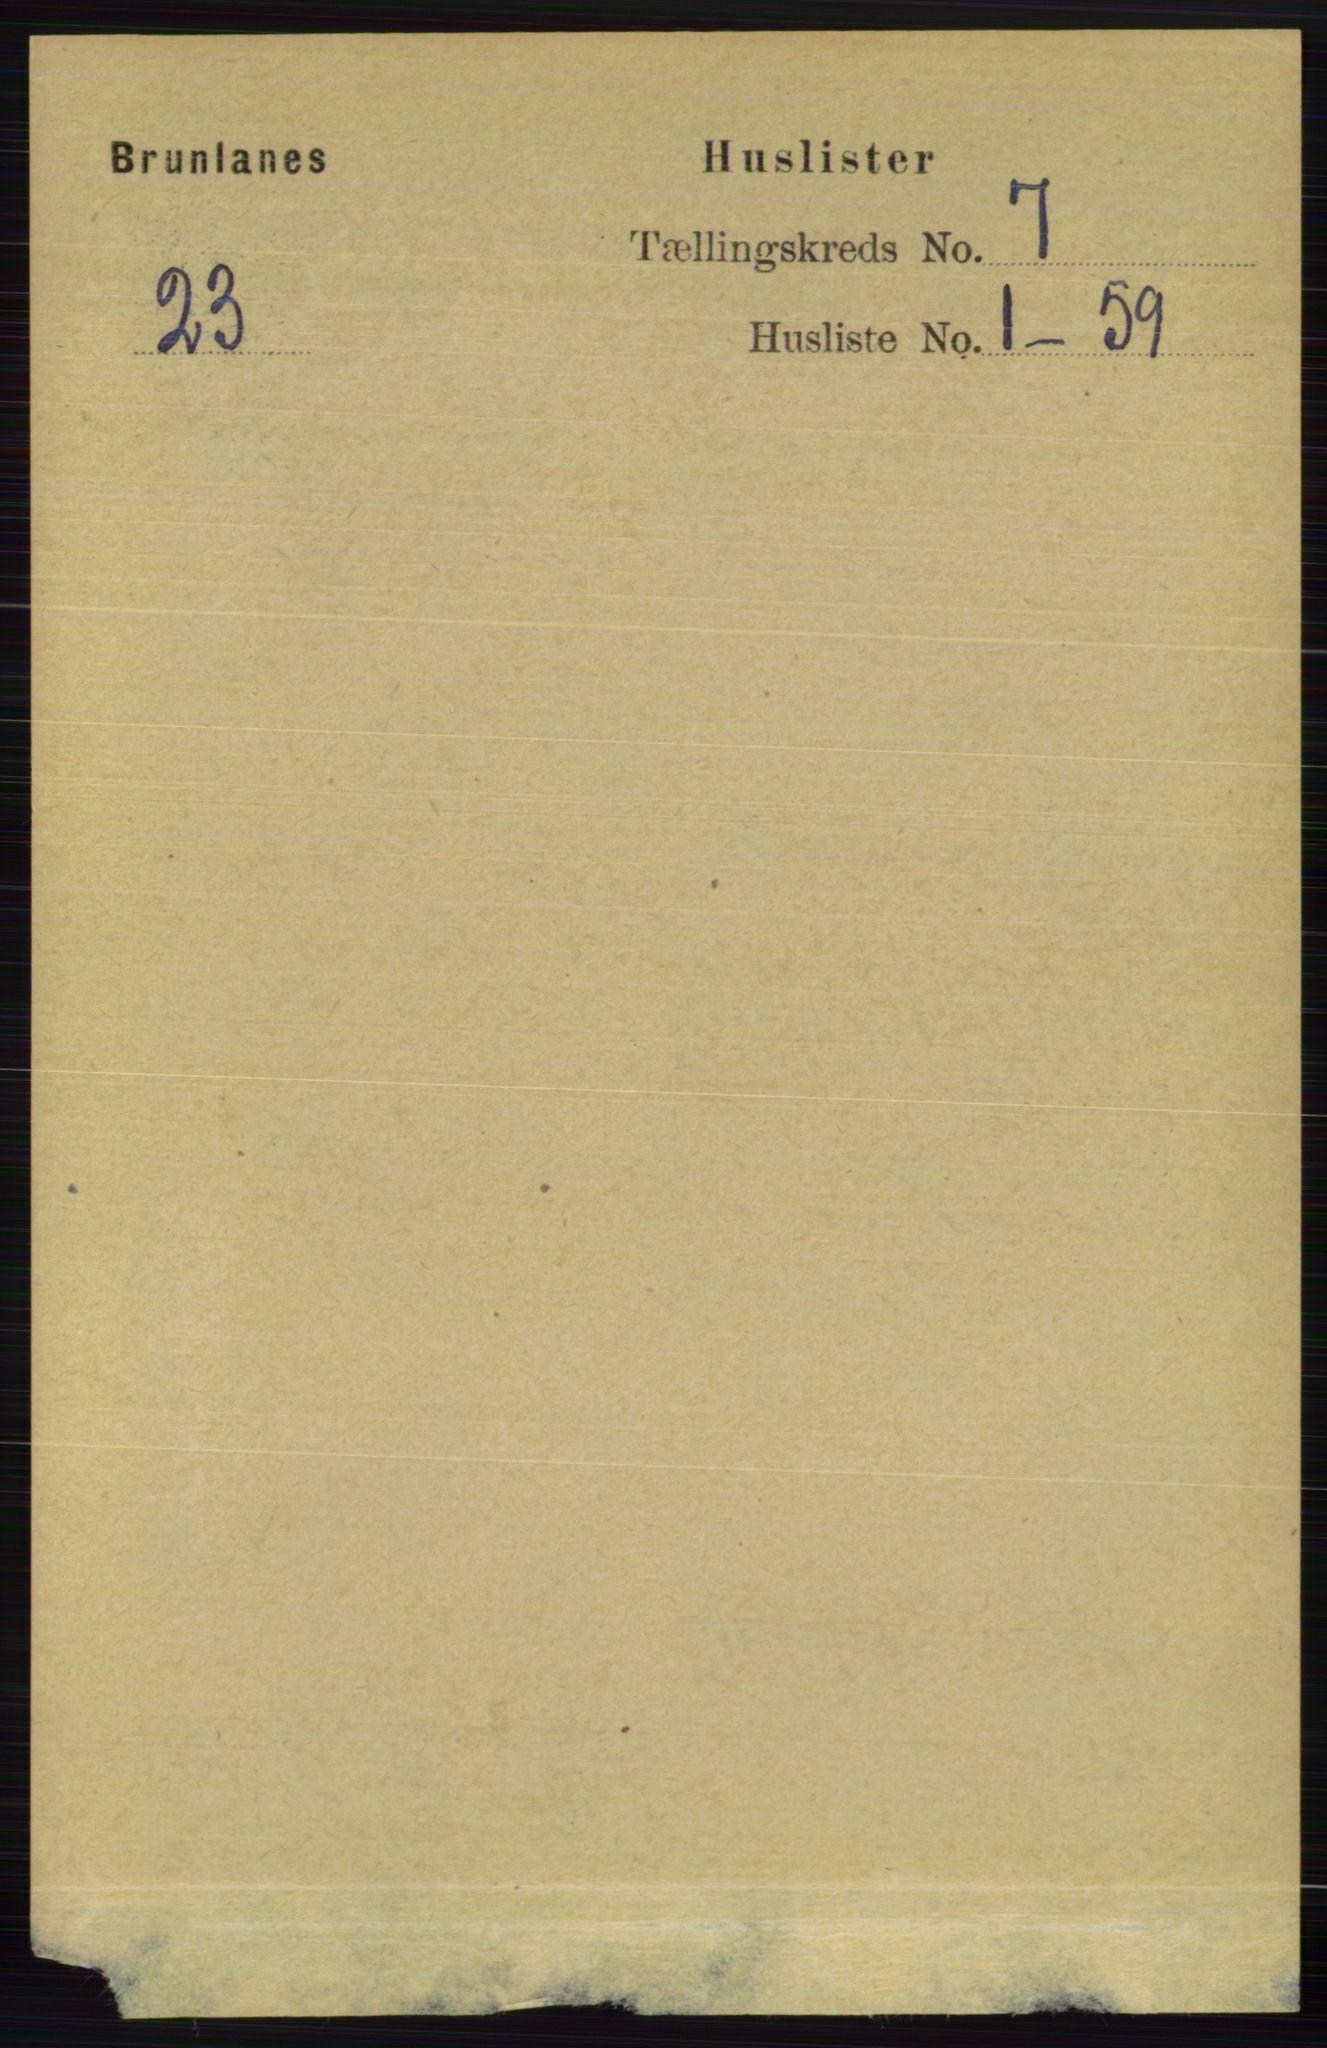 RA, Folketelling 1891 for 0726 Brunlanes herred, 1891, s. 2907